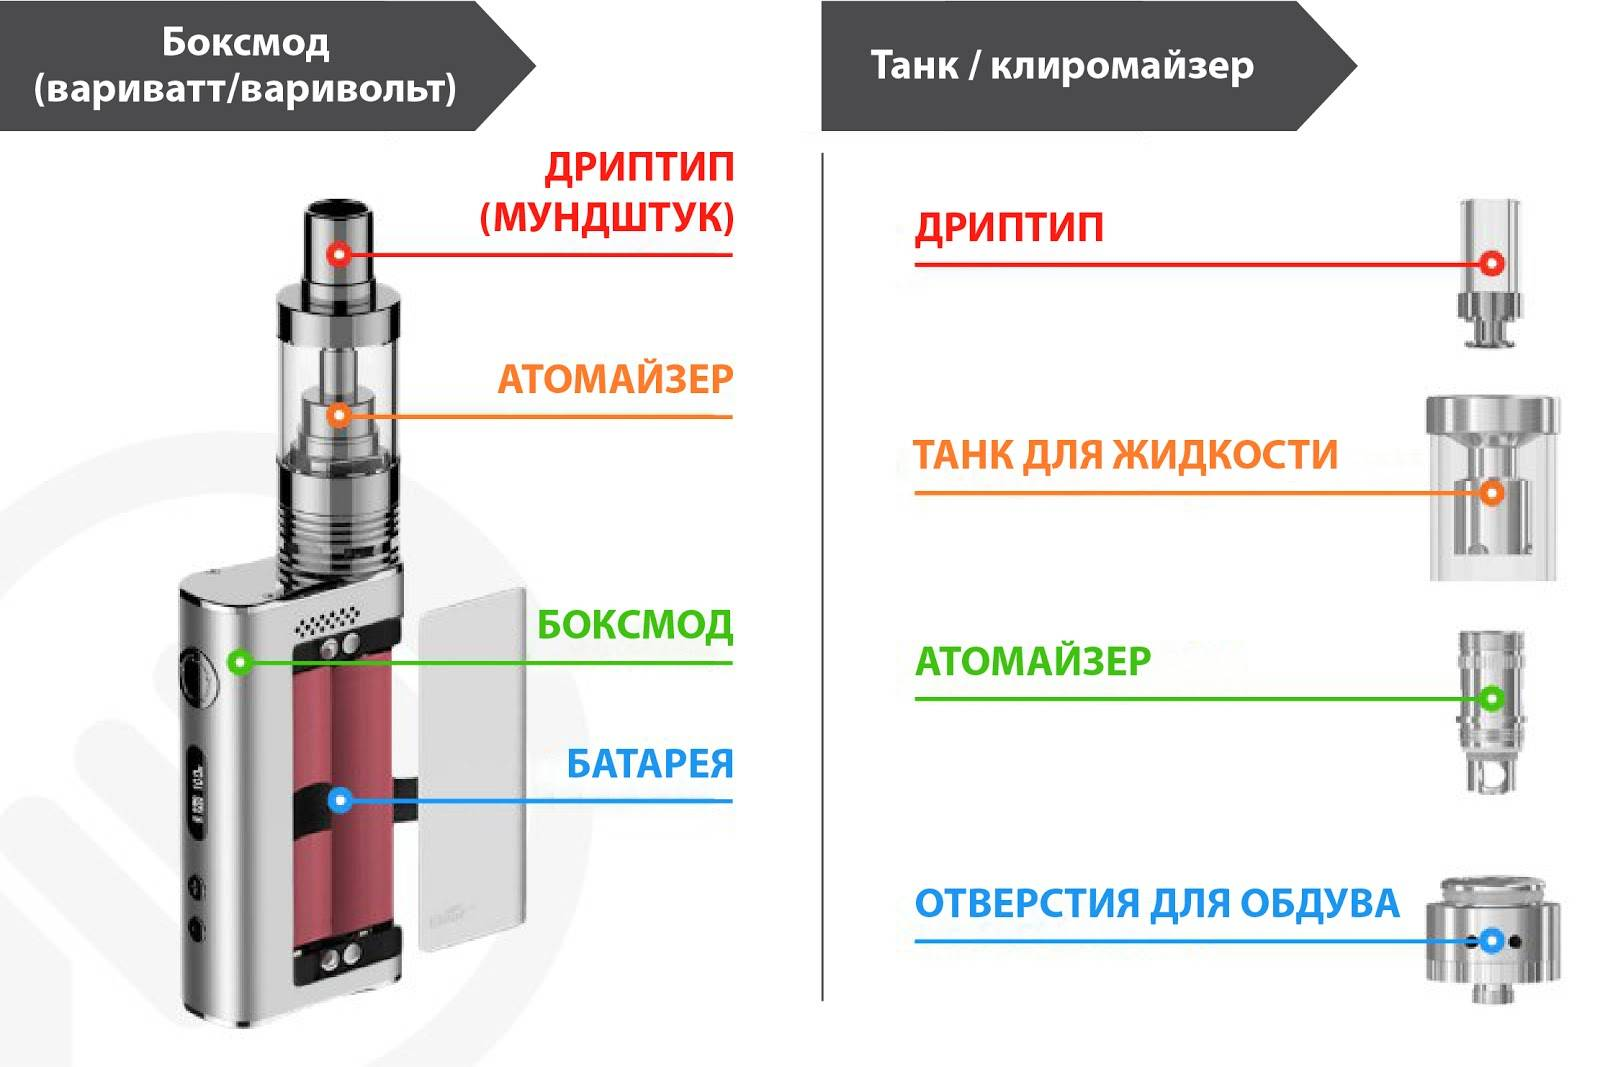 Предупреждение atomizer low или atomizer no на электронной сигарете